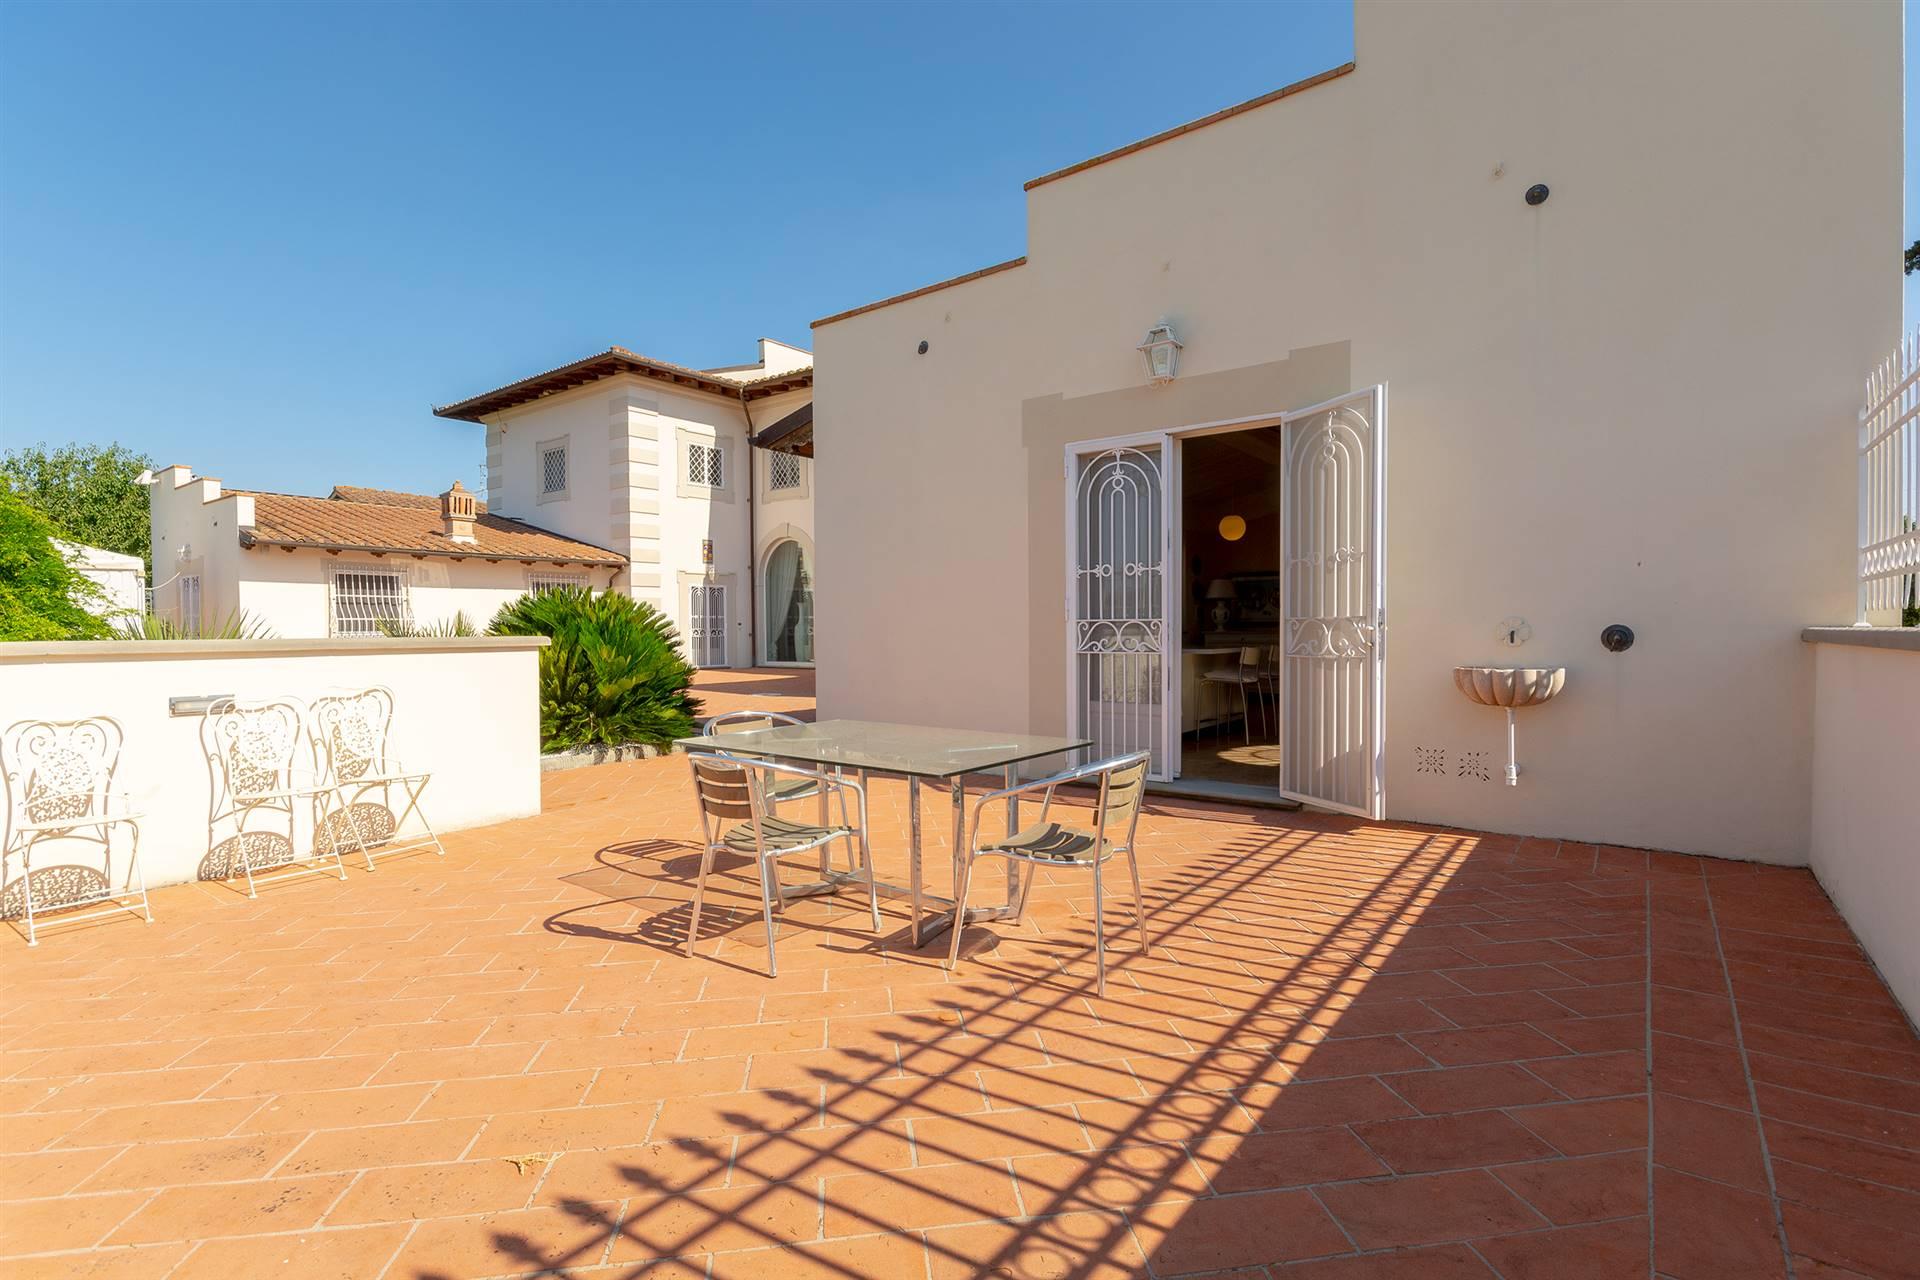 Appartamento in affitto a Signa, 6 locali, zona Zona: Lecore, prezzo € 2.000   CambioCasa.it